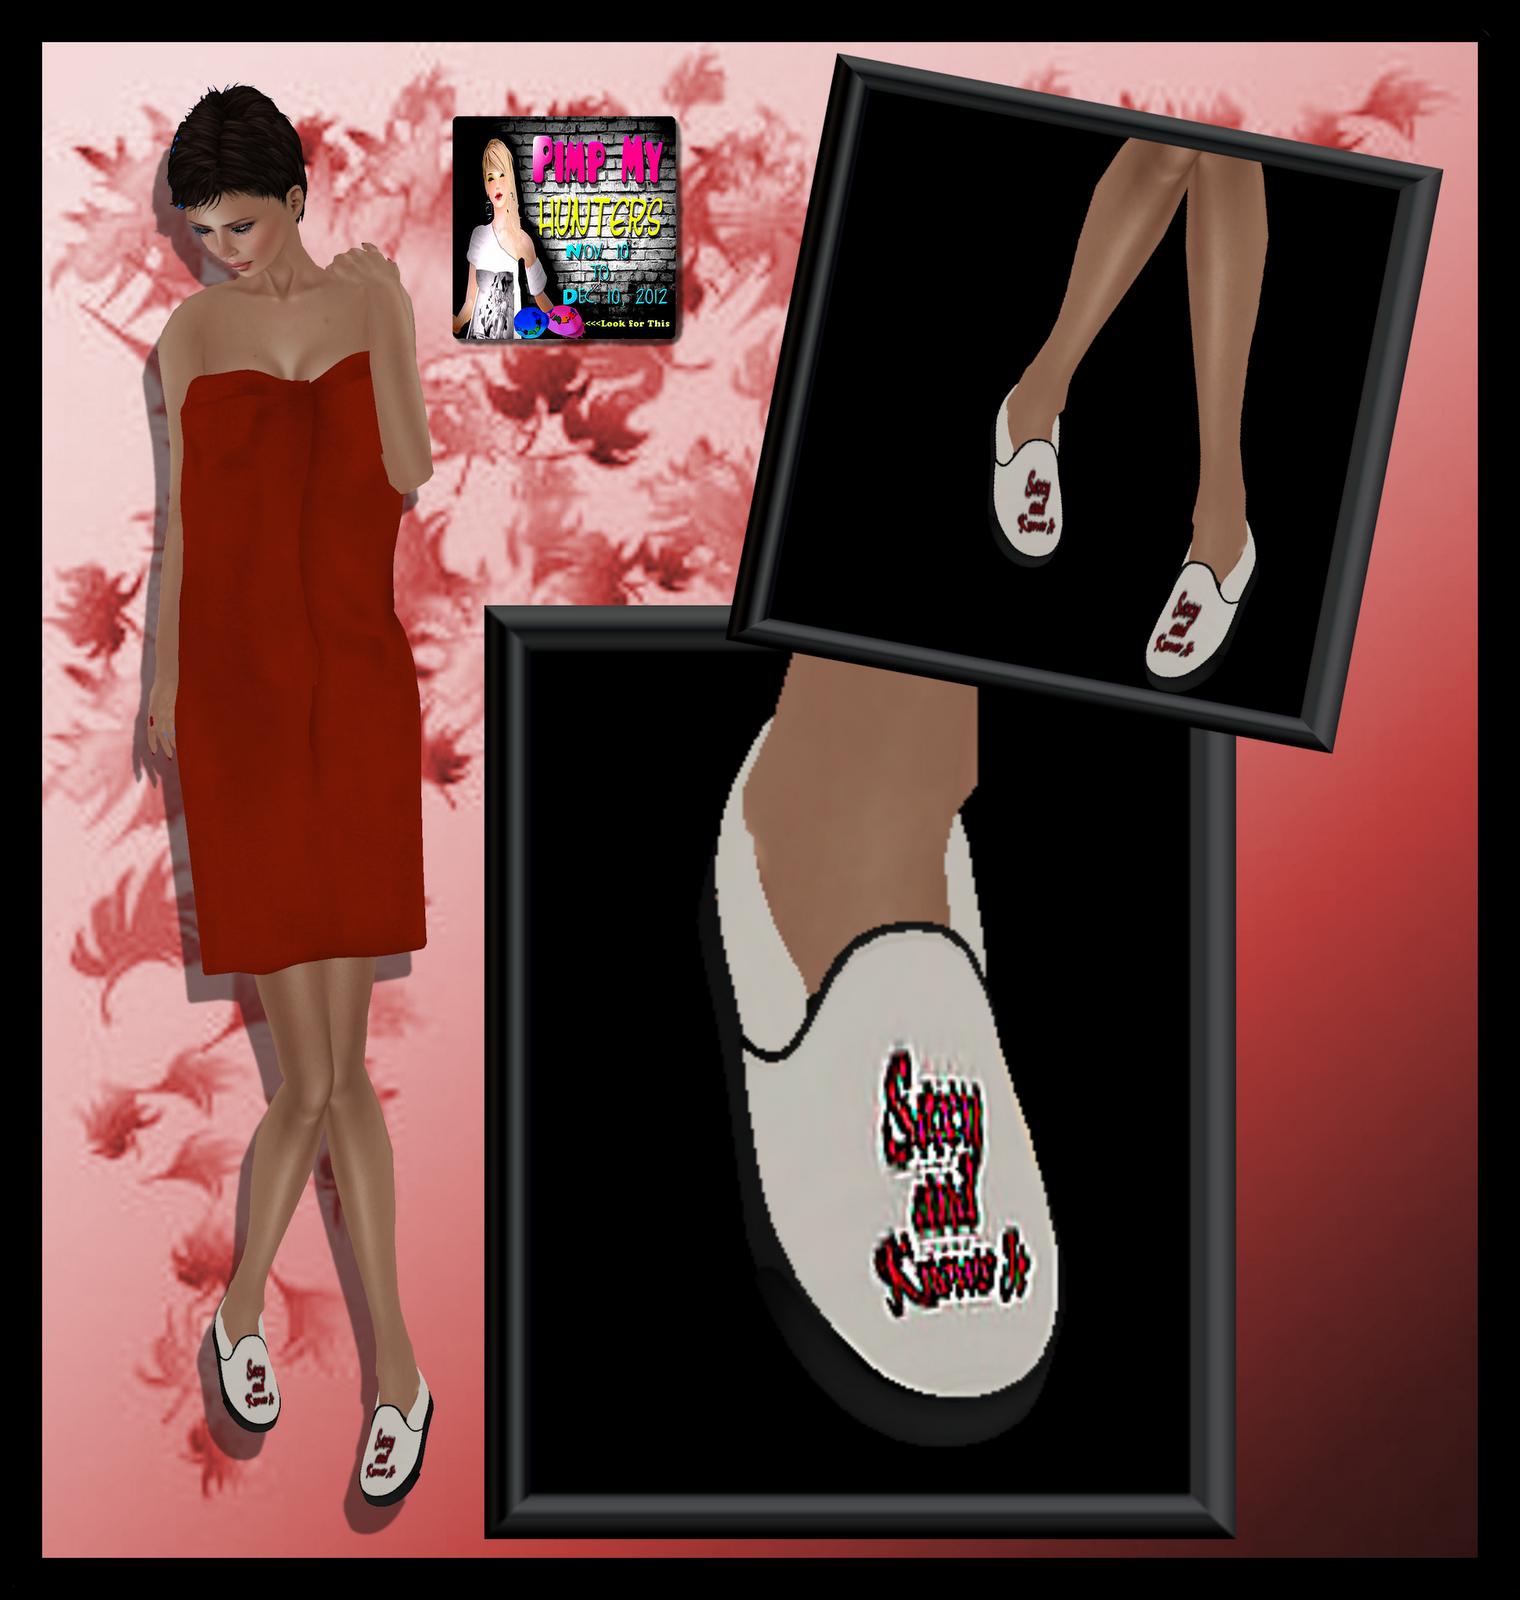 Jadis for my valentine 7